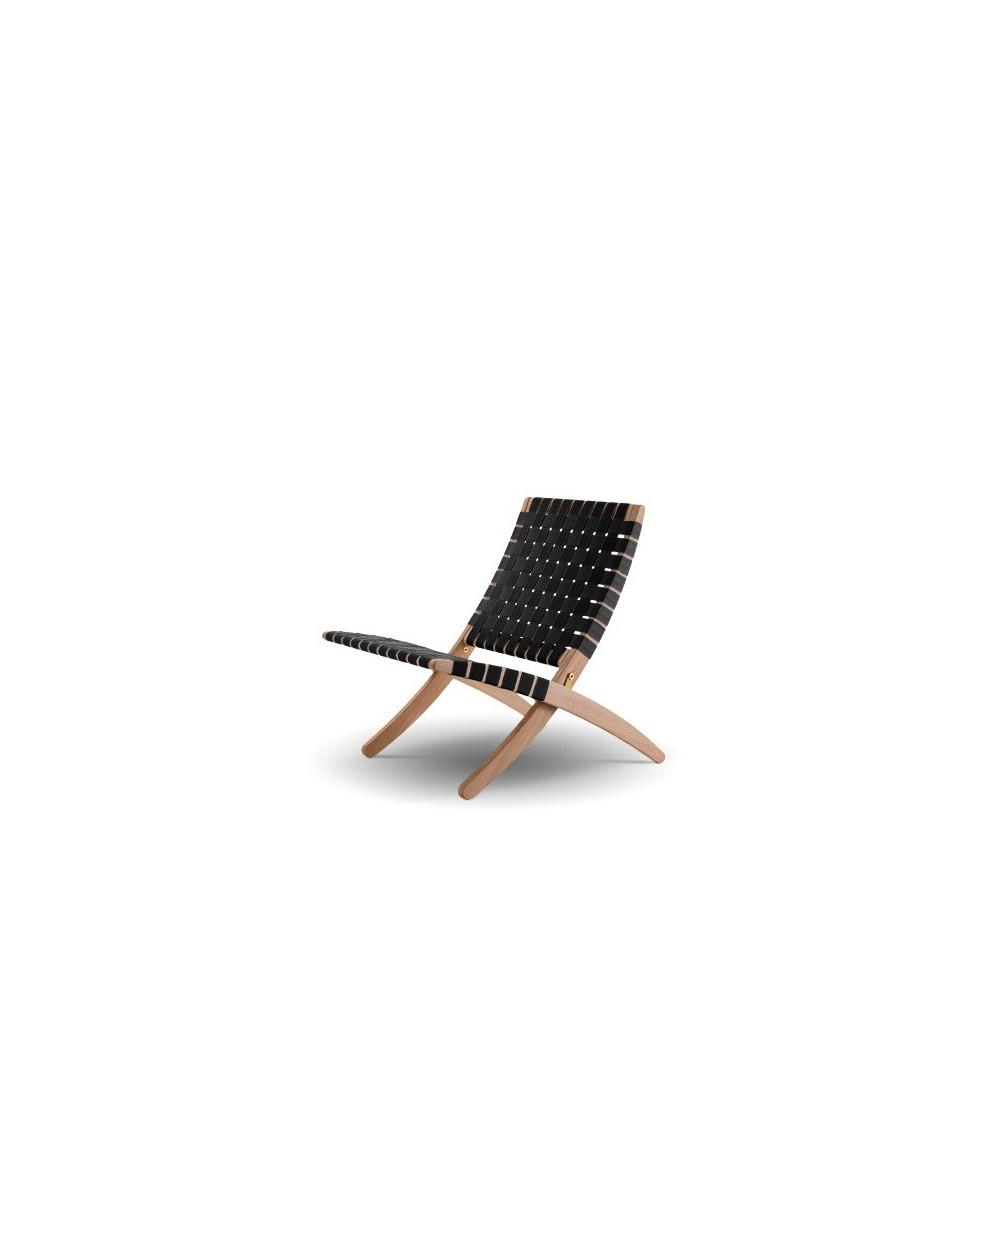 Cuba folding chair, Morten Göttler for Carl Hansen